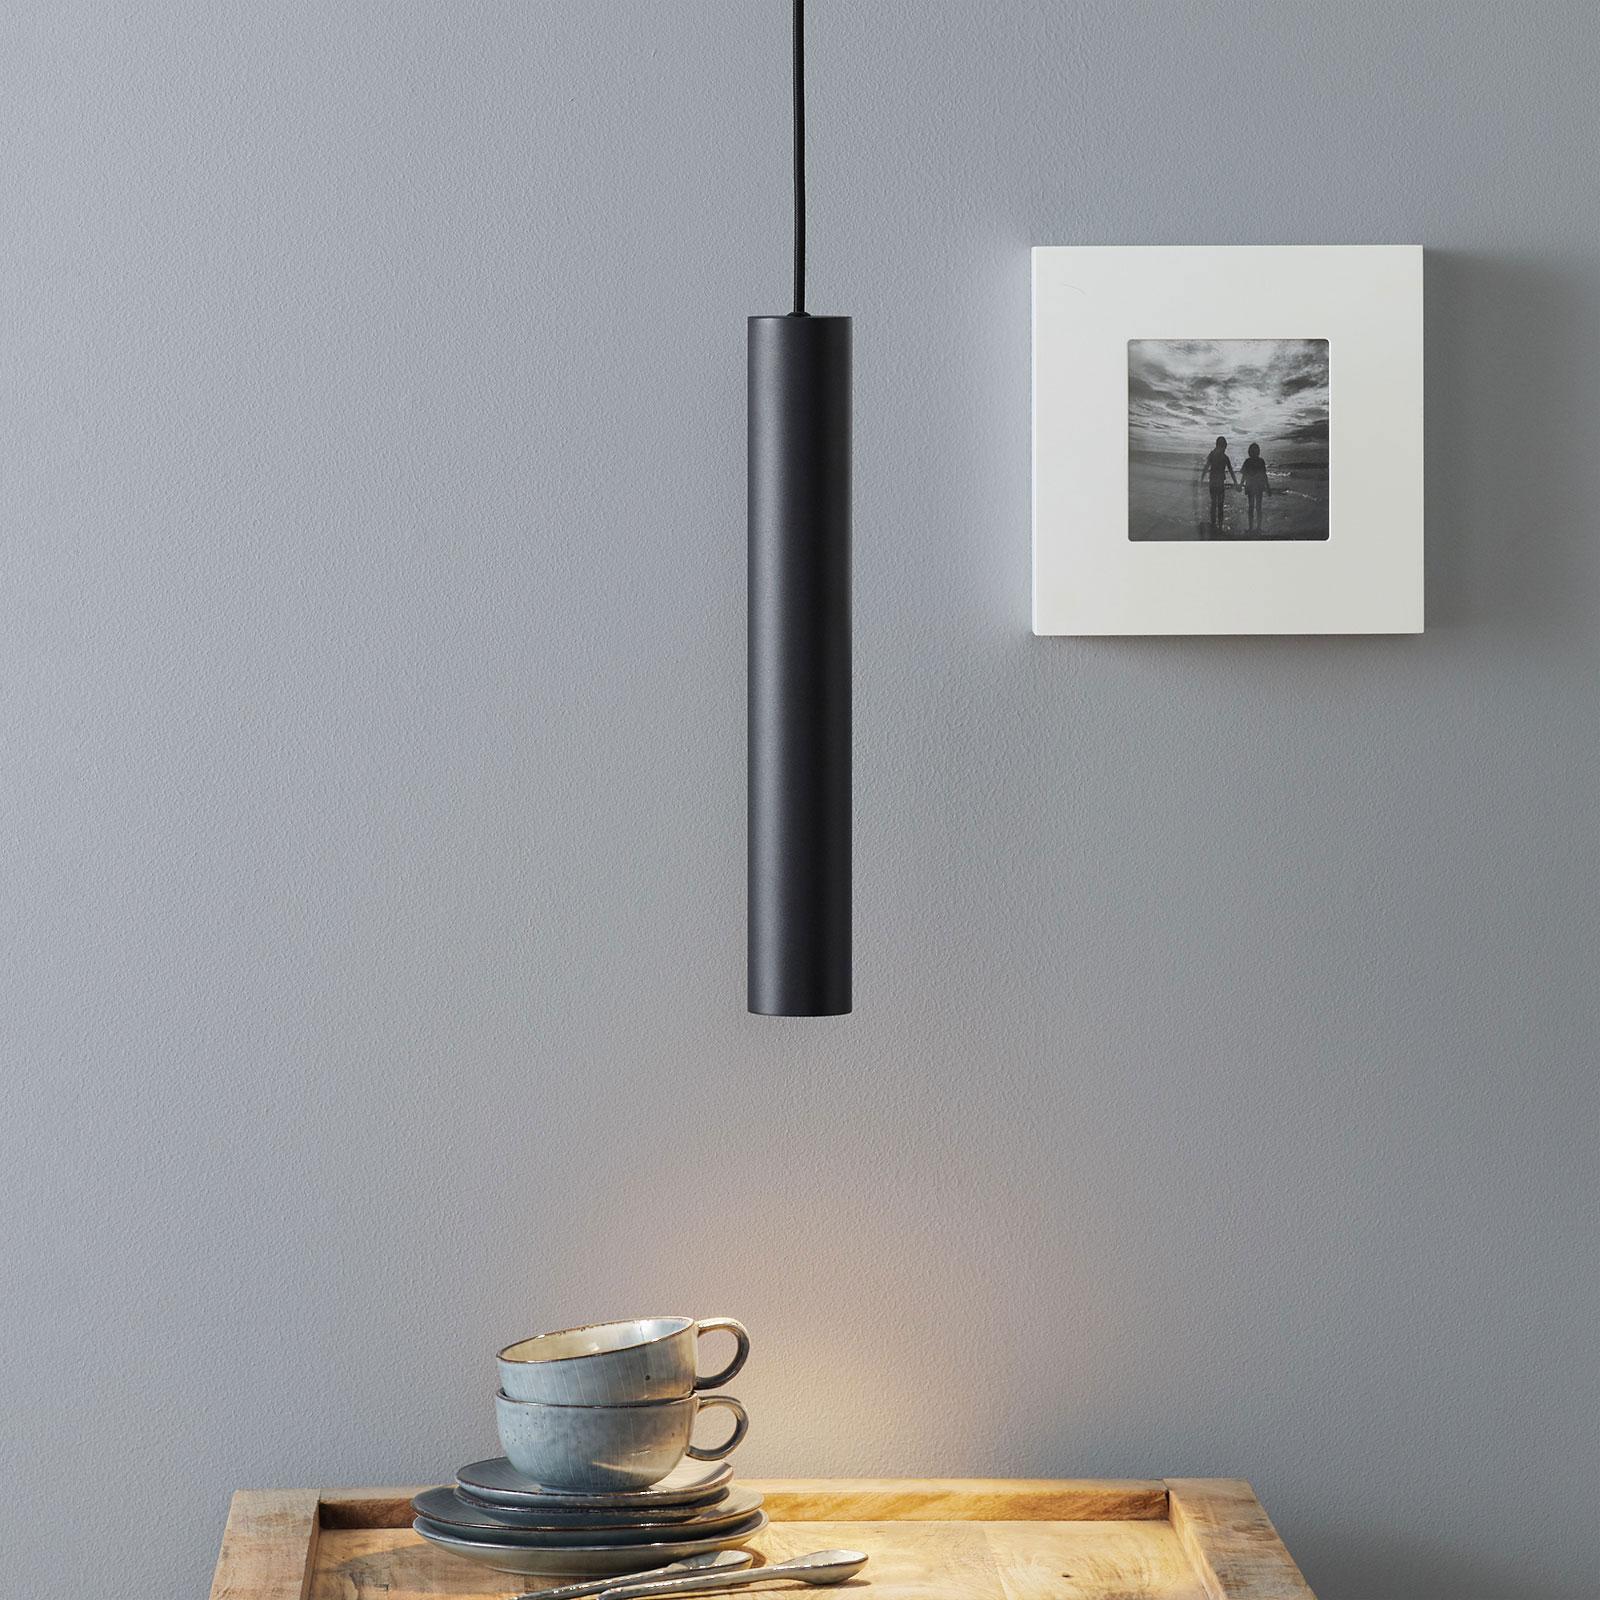 LED-Pendelleuchte Look in schmaler Form, schwarz